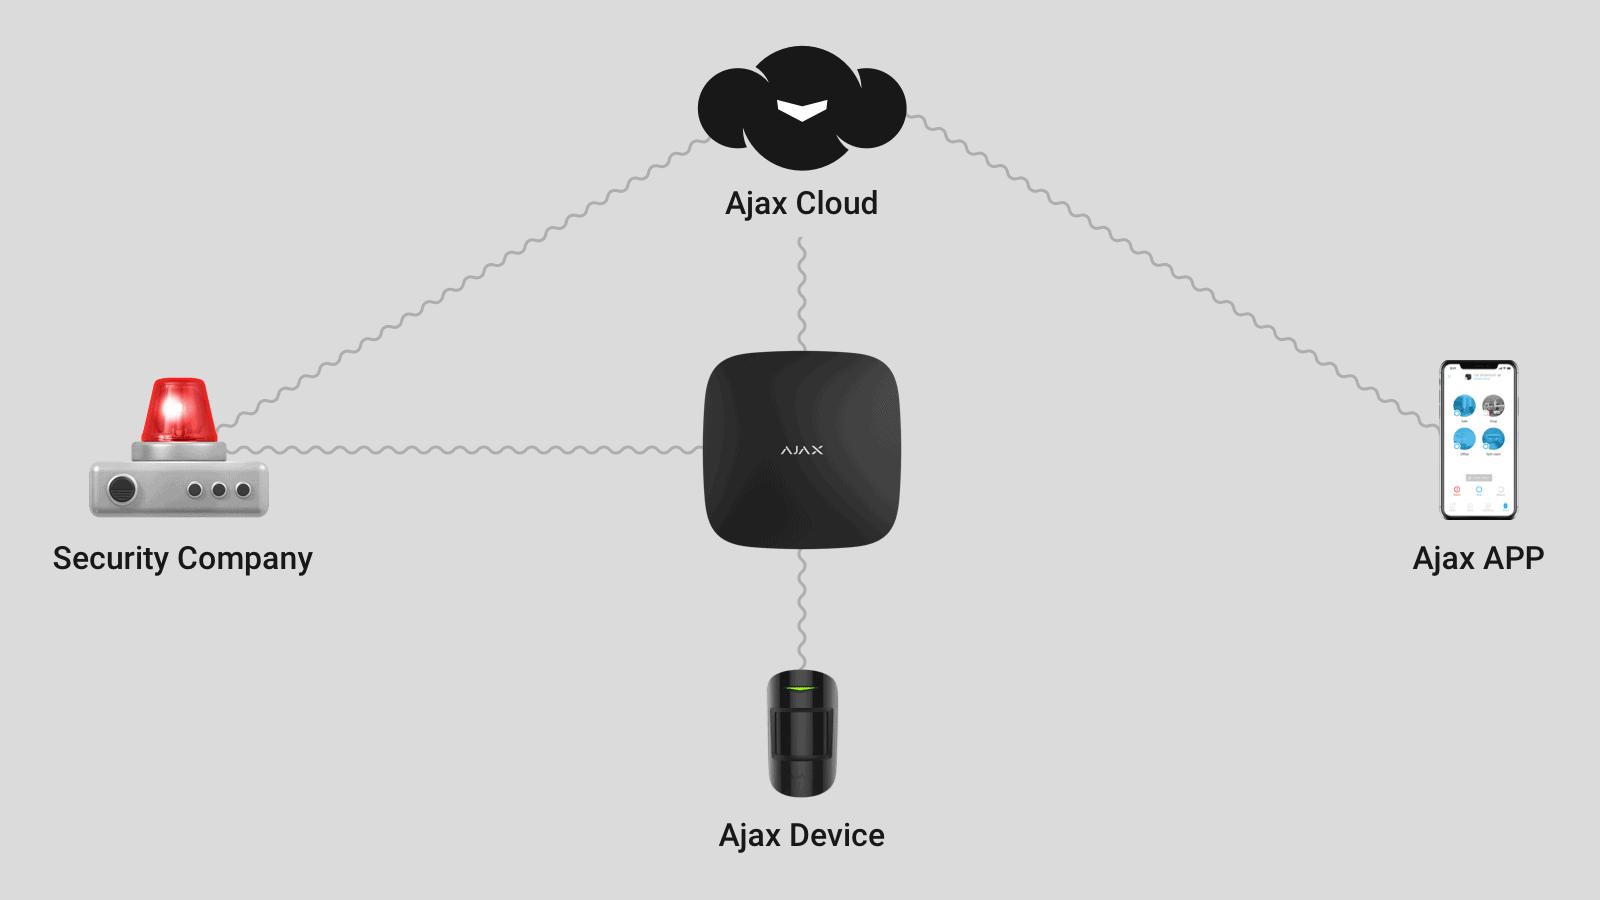 Πώς το σύστημα ασφαλείας Ajax χρησιμοποιεί την υπηρεσία Ajax Cloud